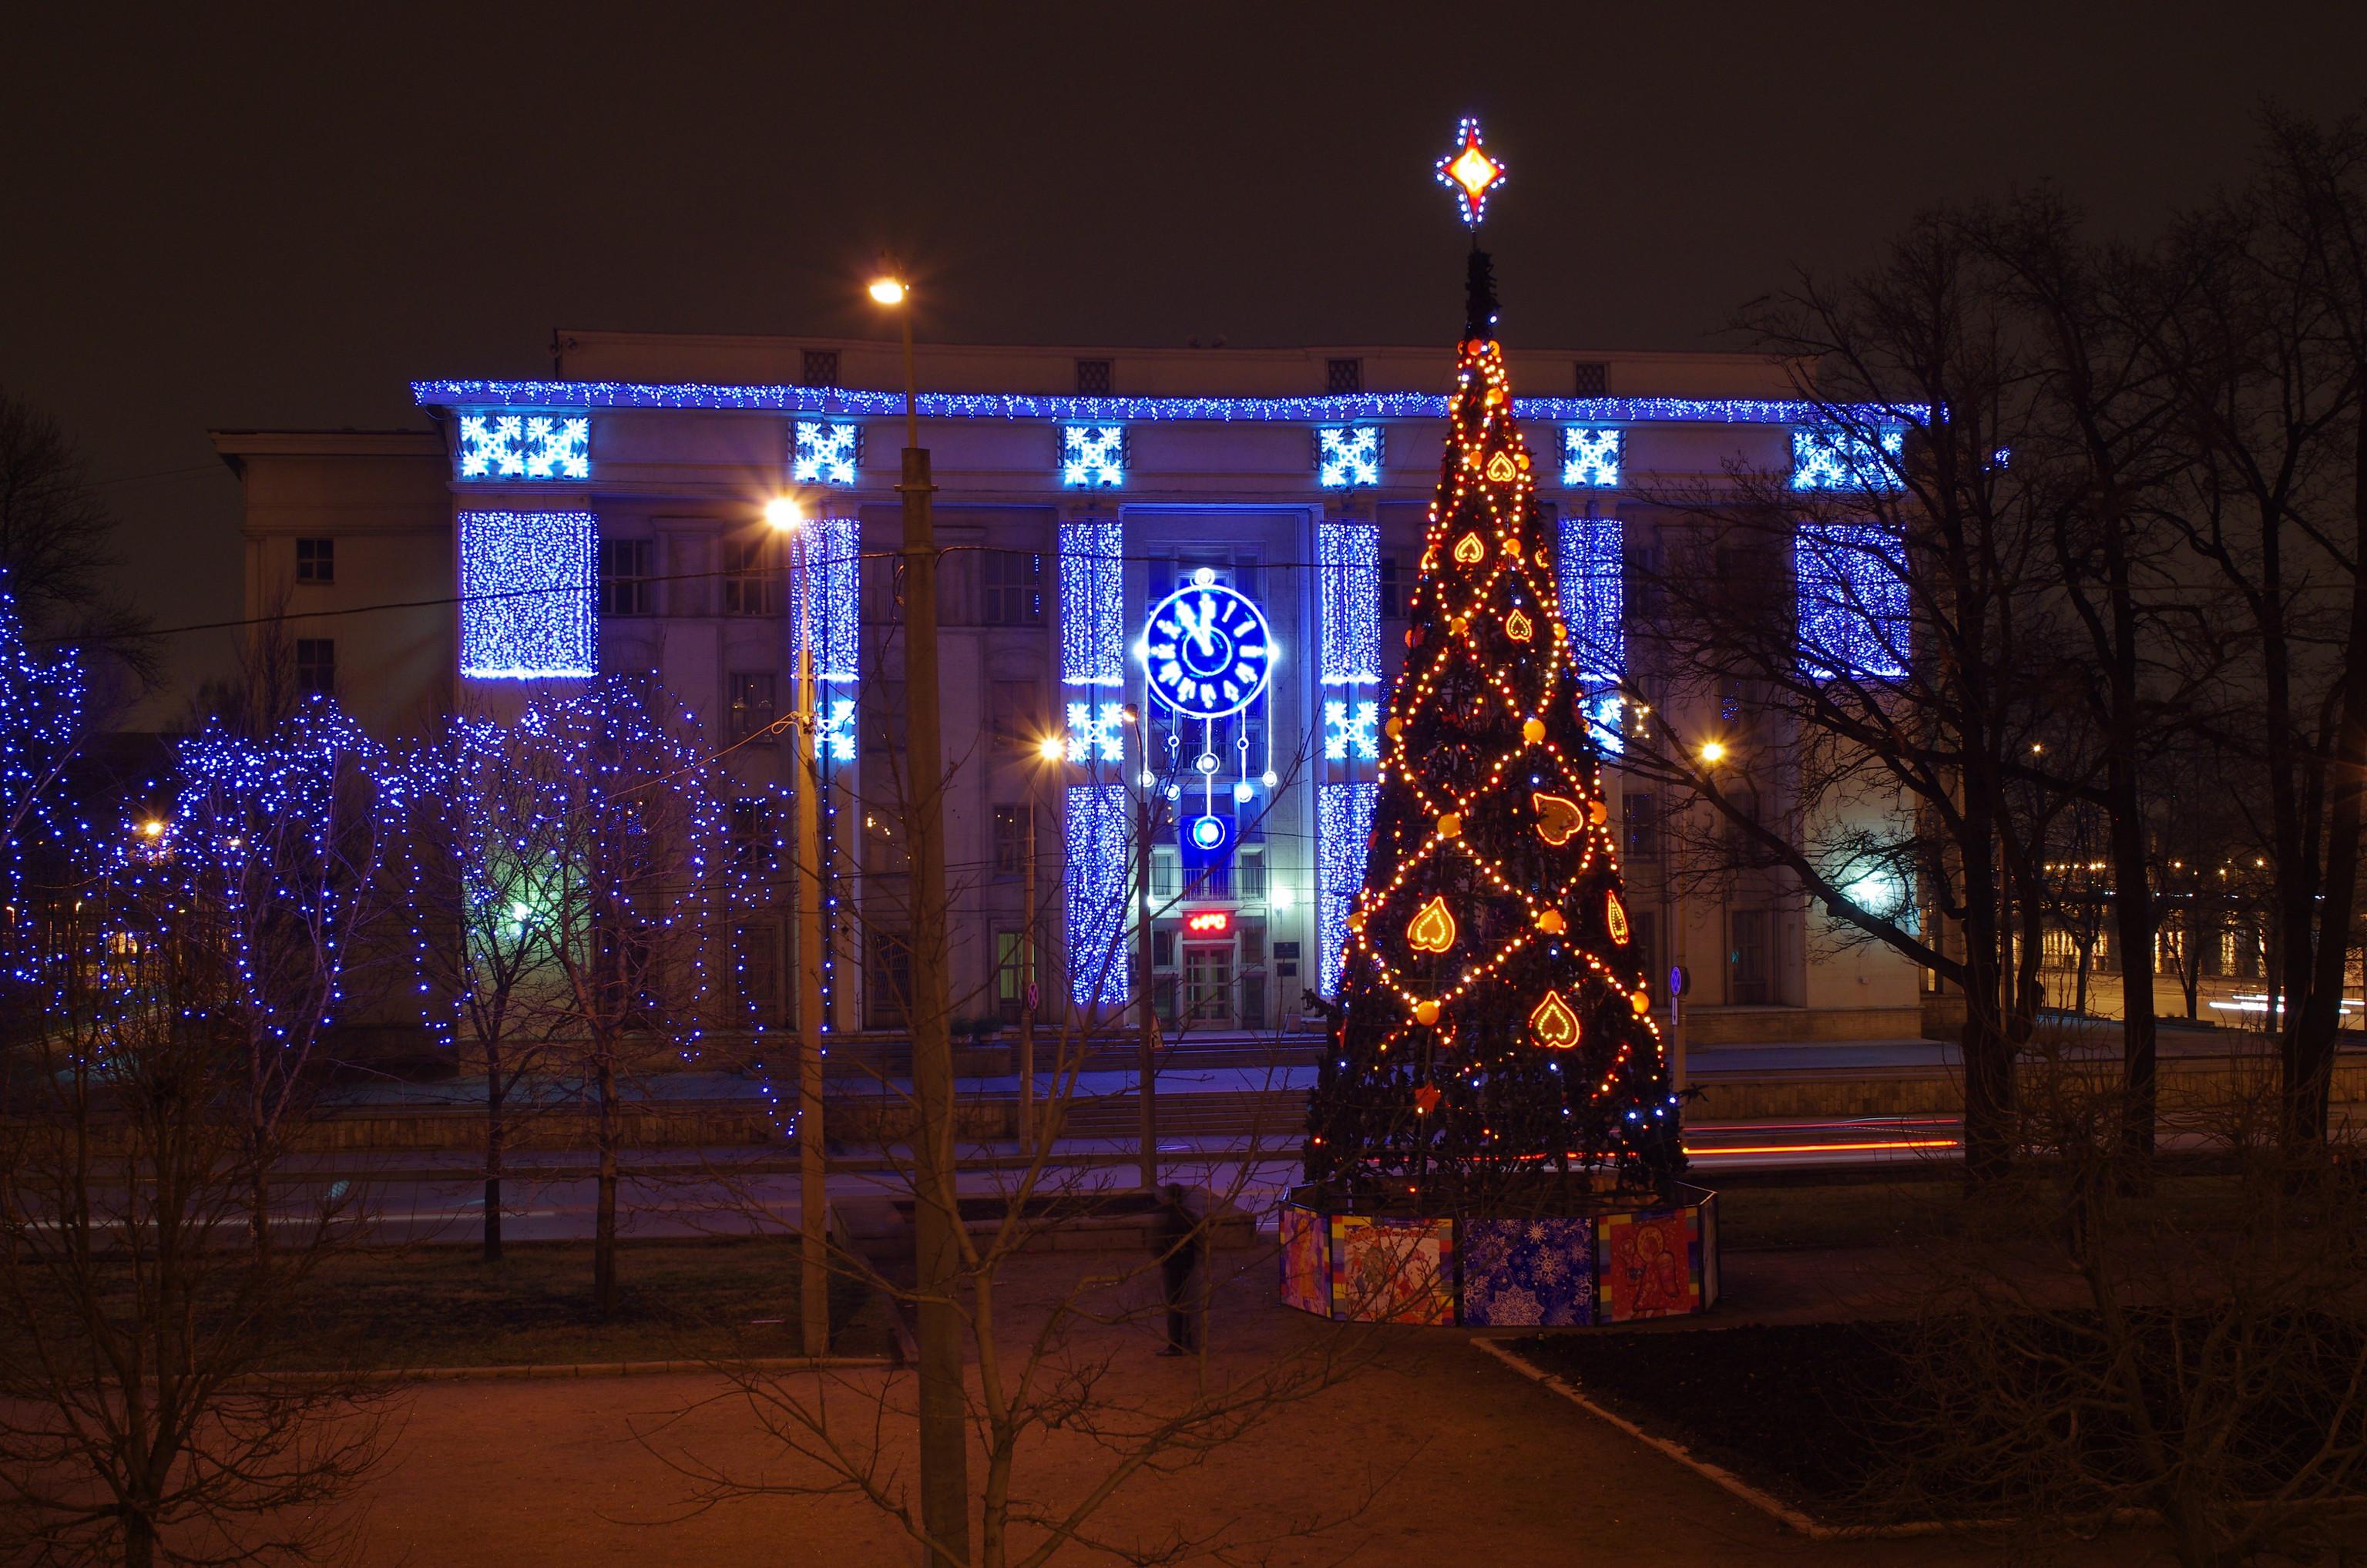 С новым годом оформление здания